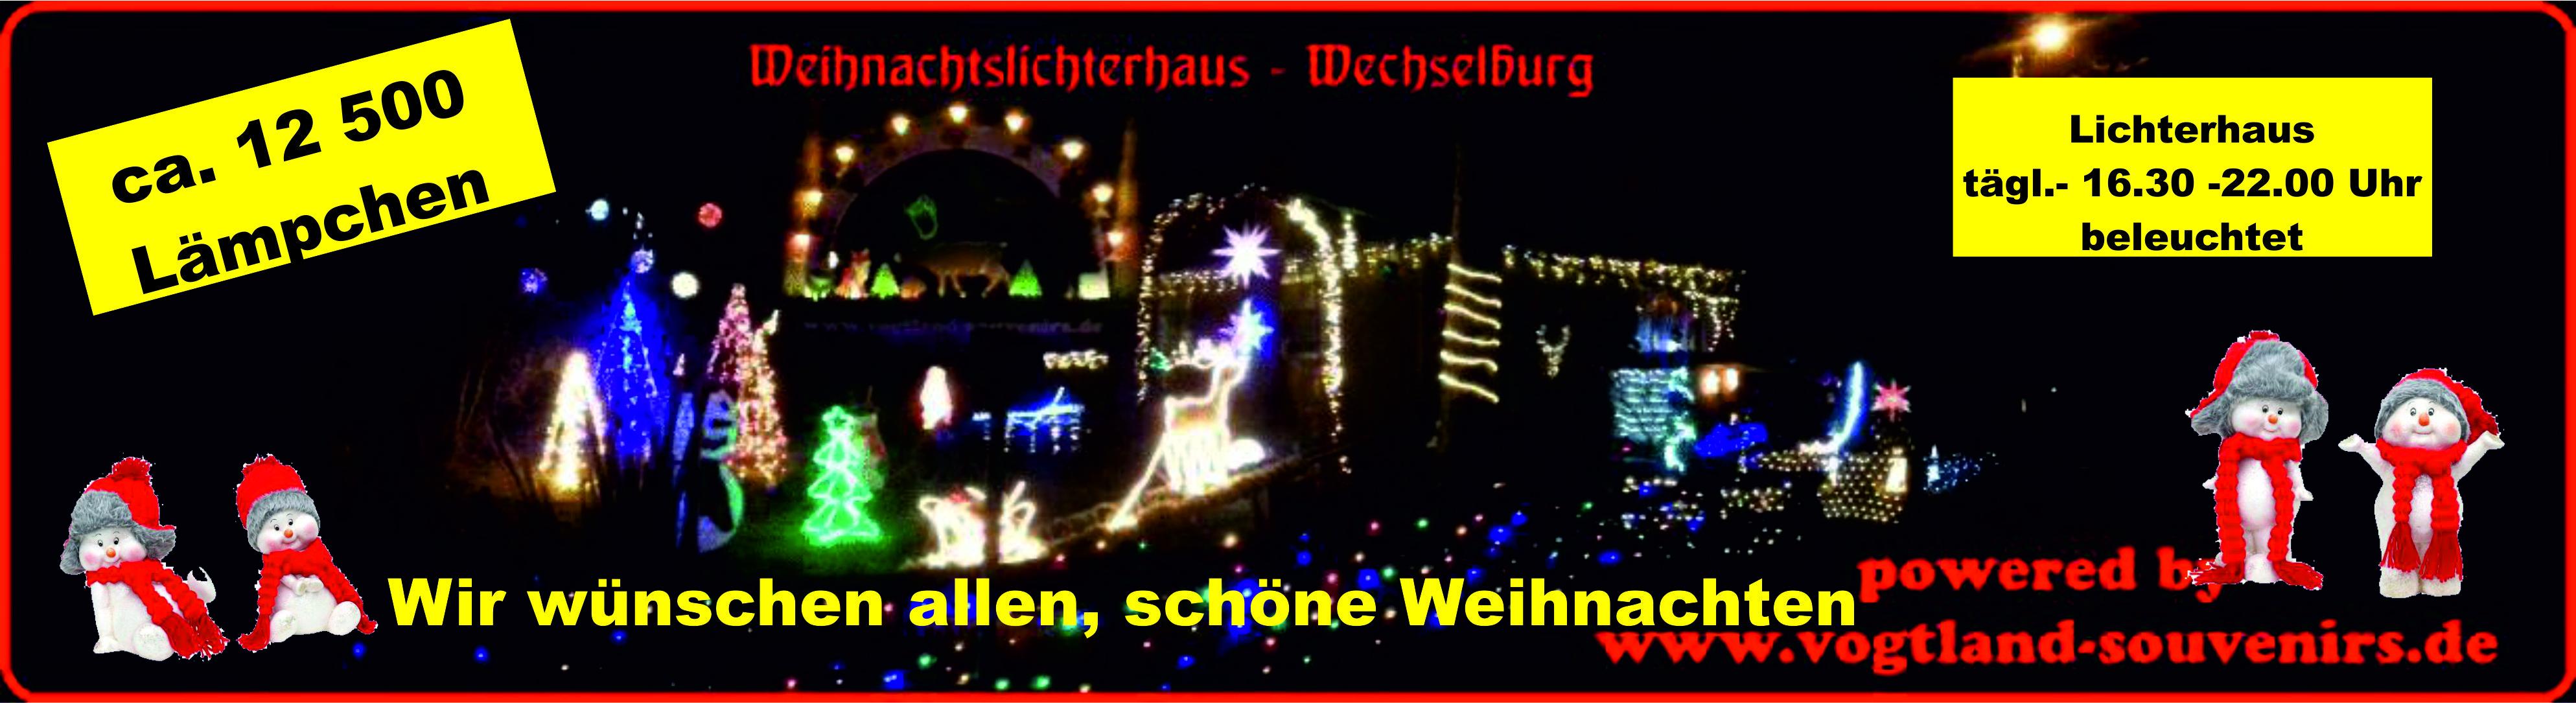 Holzkunst Weihnachtsdekoration 2018 Erzgebirge Sachsen Vogtland